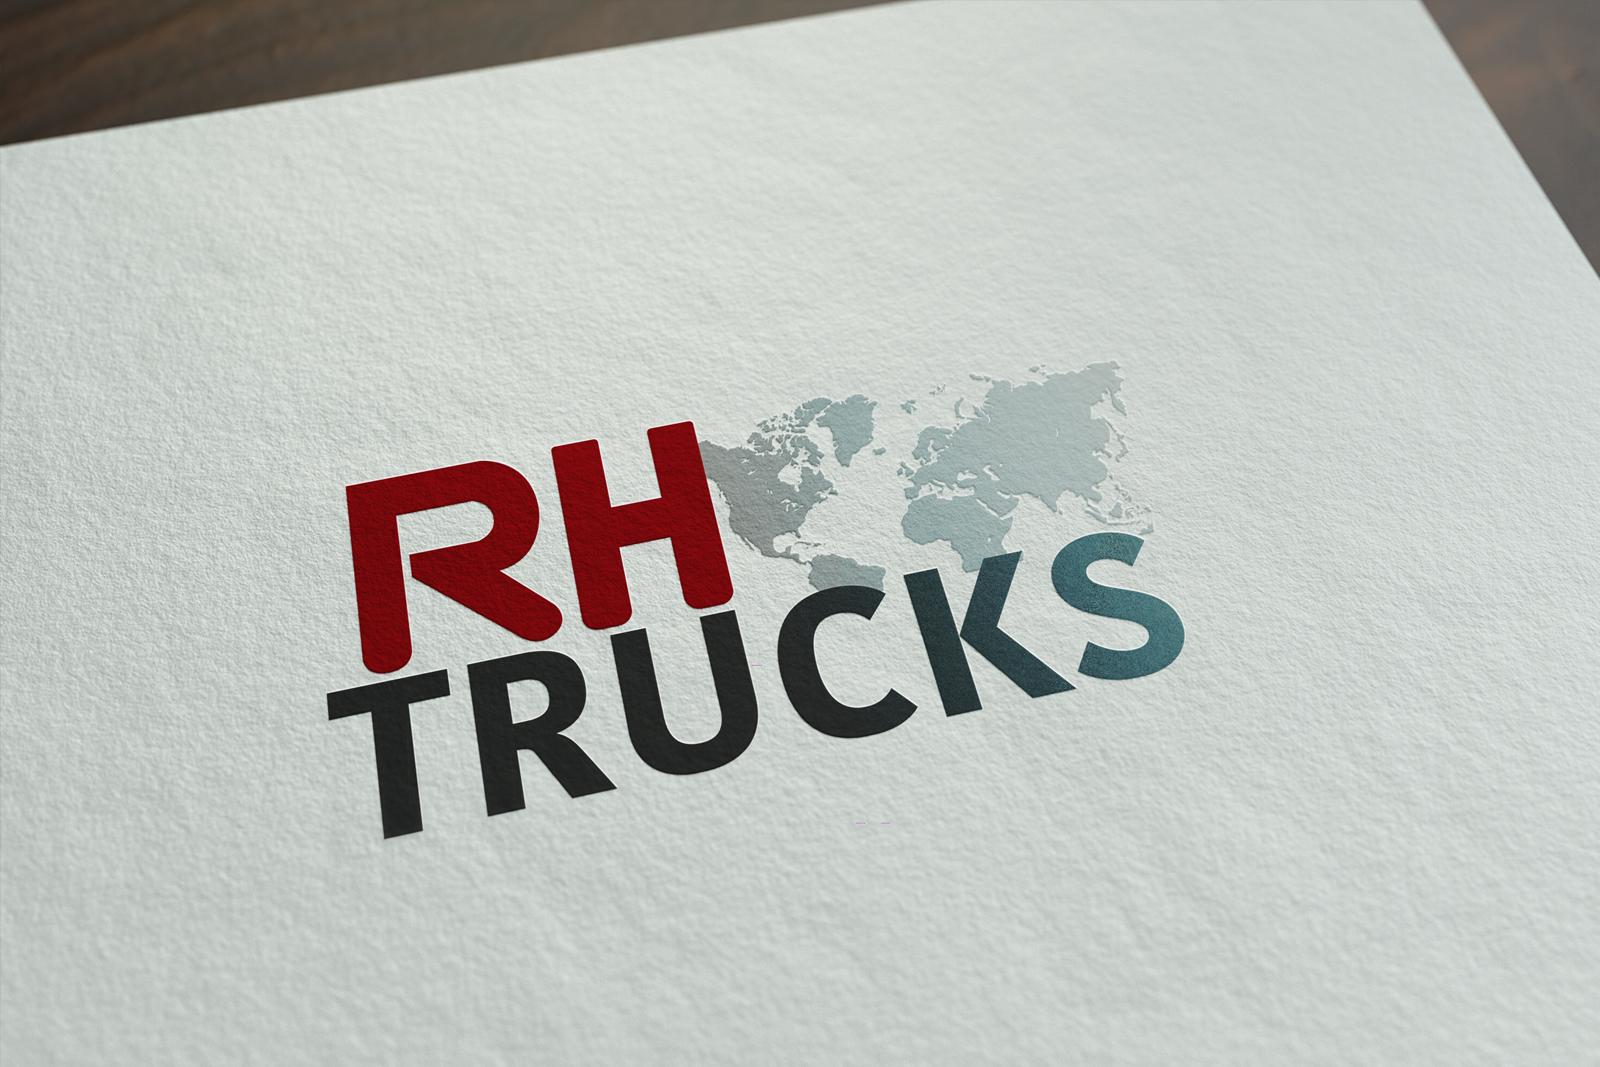 RH Trucks